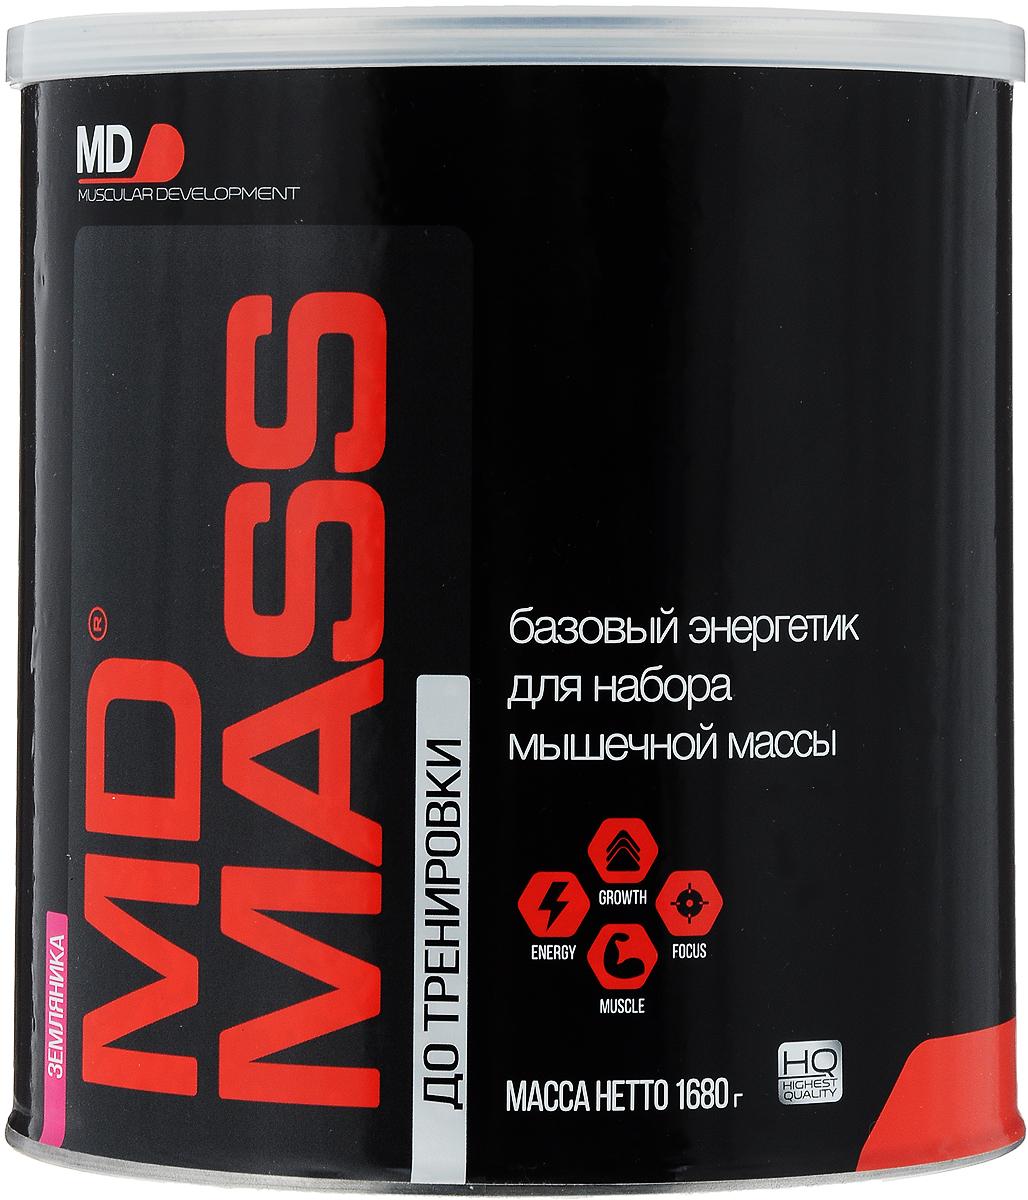 Энергетик MD Масс, земляника, 1,68 кгO27635Базовый энергетик для набора мышечной массыMD Масс – формула для интенсивного набора сухой мышечной массы. Он включает: комплекс казеинатов молока, соевого и сывороточного белков, позволяющий сбалансировать аминокислотный профиль; смесь углеводов с пролонгированным временем расщепления; комплекс десяти витаминов; легкое смешивание без миксера. рекомендуется для спортсменов в период интенсивных тренировок в дополнение к основному пищевому рациону, в соответствии с программой, разработанной для данных видов спорта, под наблюдением спортивного врача или специалиста по спортивному питанию. Состав: мальтодекстрин, сахар, концентрат сывороточного белка, концентрат молочного белка, концентрат соевого белка, ароматизатор Земляника, комплексный жировой продукт Бониграса (растительный жир, сладкая молочная сыворотка), комплексная пищевая добавка Тиксогам S (смола акации, загуститель ксантановая камедь), смесь витаминов (витамин С, ниацин, витамин Е, пантотеновая кислота, витамин В6, витами В1, витамин В2, витамин В12, фолиевая кислота, биотин), антиокислитель аскорбиновая кислота. Содержание питательных веществ (в 1 порции - 120 г): витамин С - 24 мг, витамин Е - 6 мг, витамин В1 - 0,8 мг, витамин В2 - 0,8 мг, витамин В6 - 1 мг, витамин В12 - 0,47 мкг, фолиевая кислота - 160 мкг, биотин - 60 мкг, ниацин - 7,2 мг, пантотеновая кислота - 4,56 мг, белки - 19 г, жиры - 4 г, углеводы - 90 г. Энергетическая ценность (в 1 порции - 120 г): 472 ккал. Товар сертифицирован.